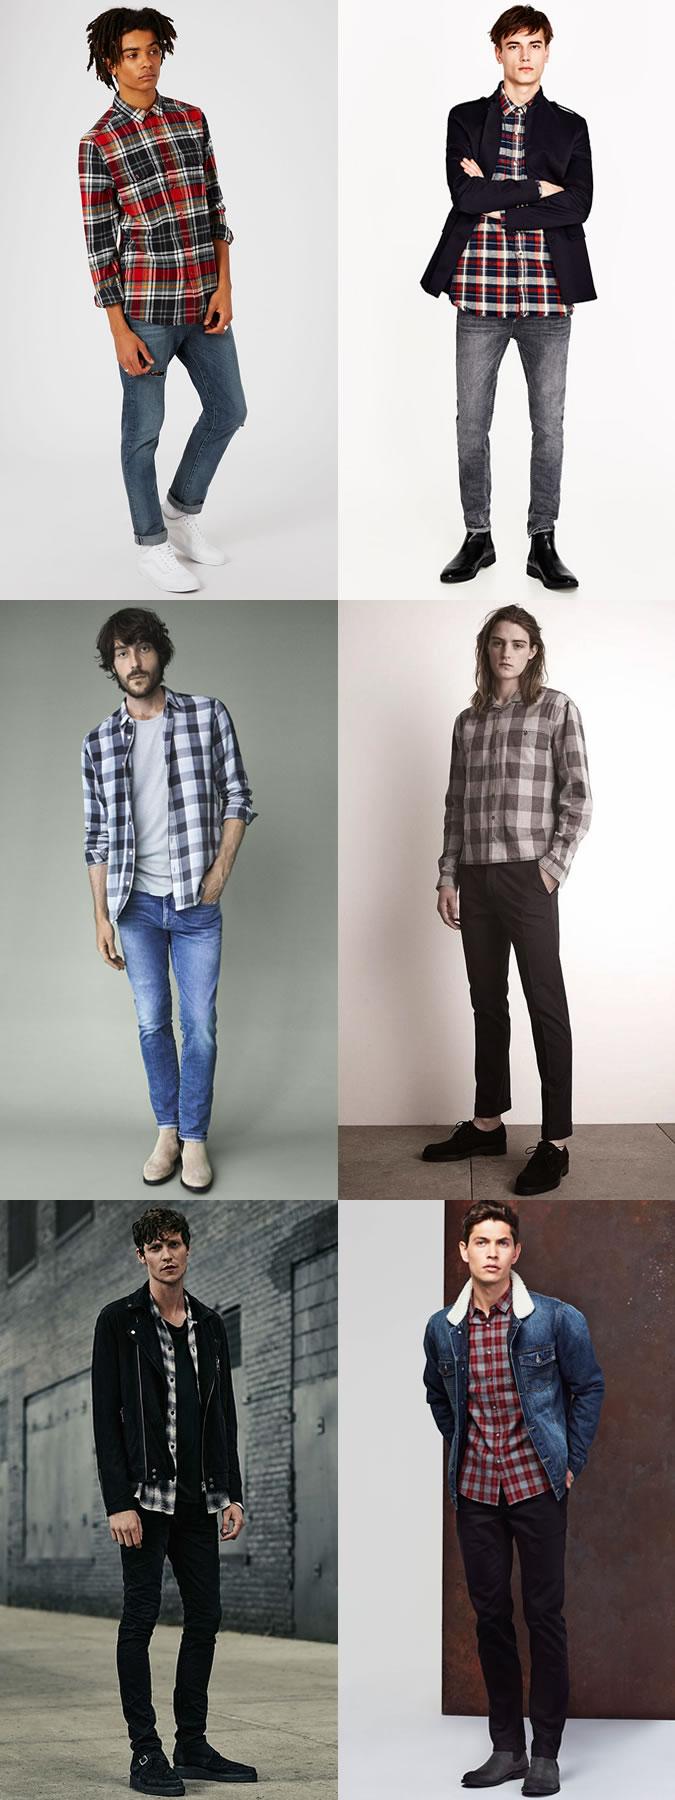 modni trendovi 1 Kako da nosiš trendove 90 ih?